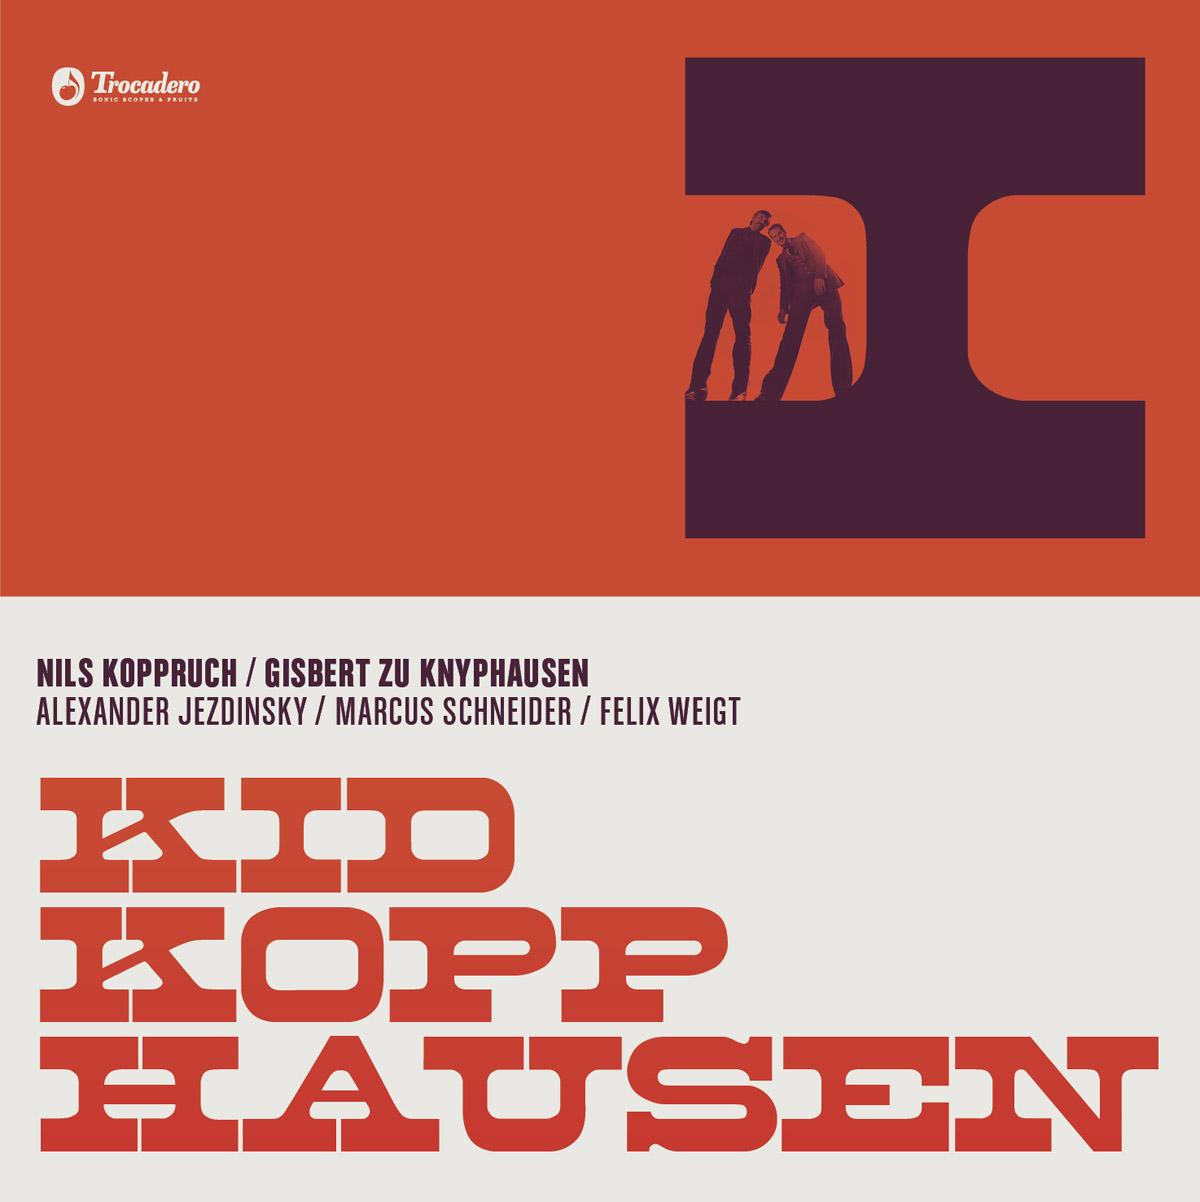 Gisbert zu Knyphausen und Nils Koppruch sind Kid Kopphausen